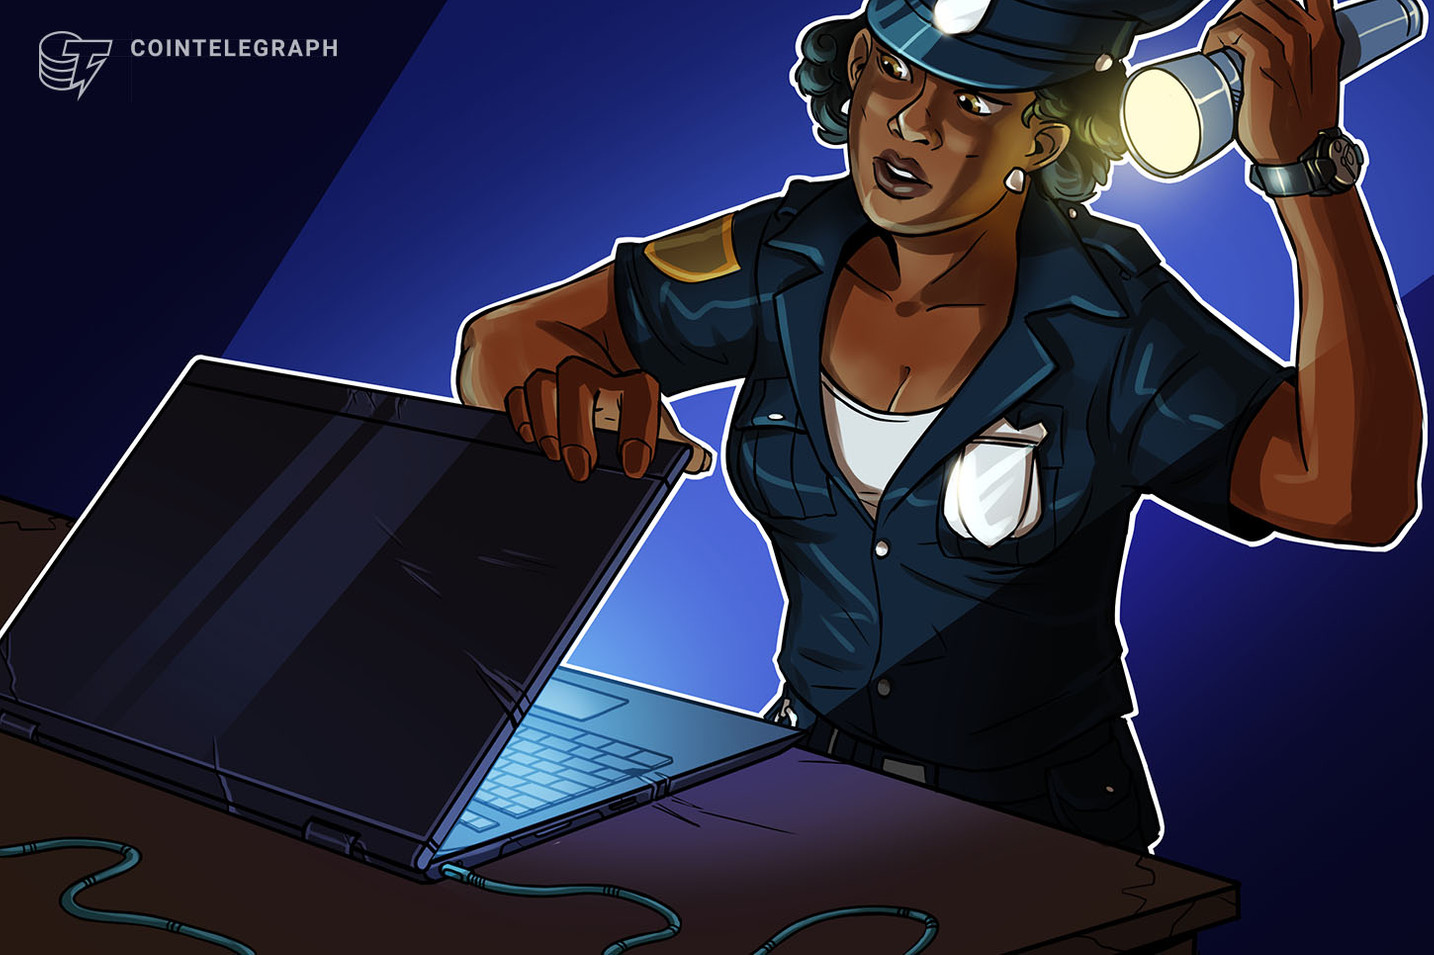 「警察もビットコインの知識必要」 仮想通貨犯罪が増加で英警察当局